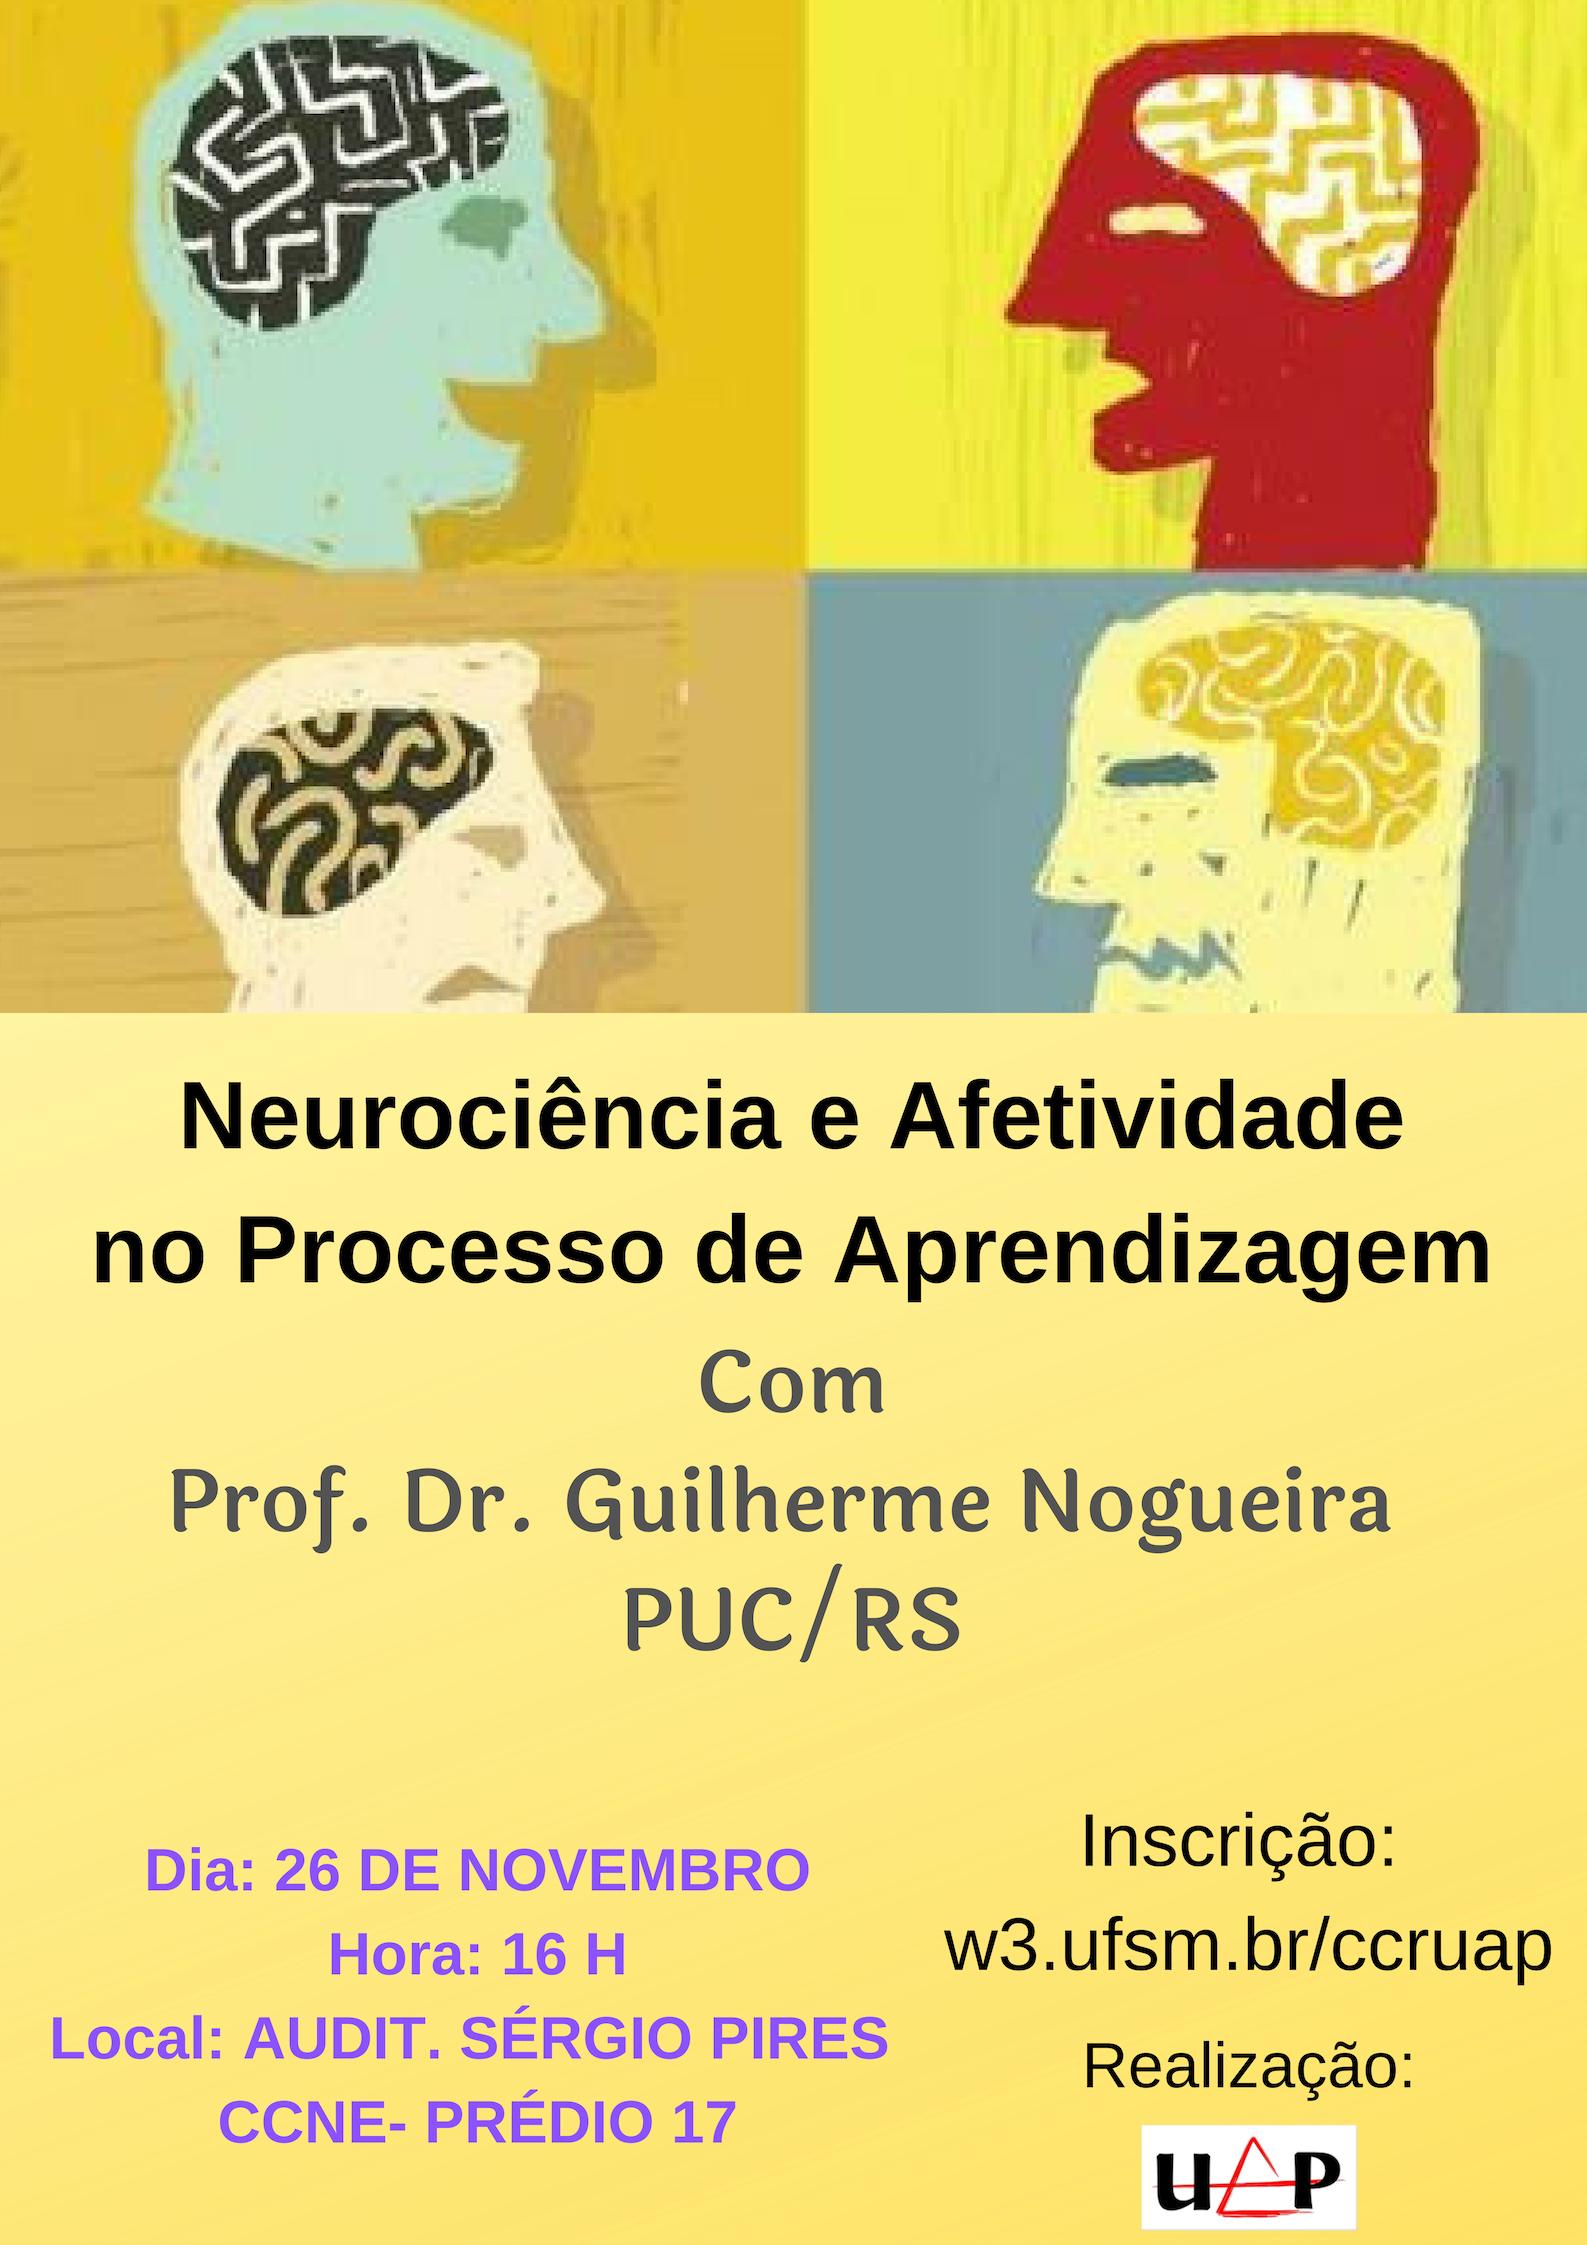 Cartaz em cores com informações sobre o evento e desenhos de cabeças com o cérebro destacado